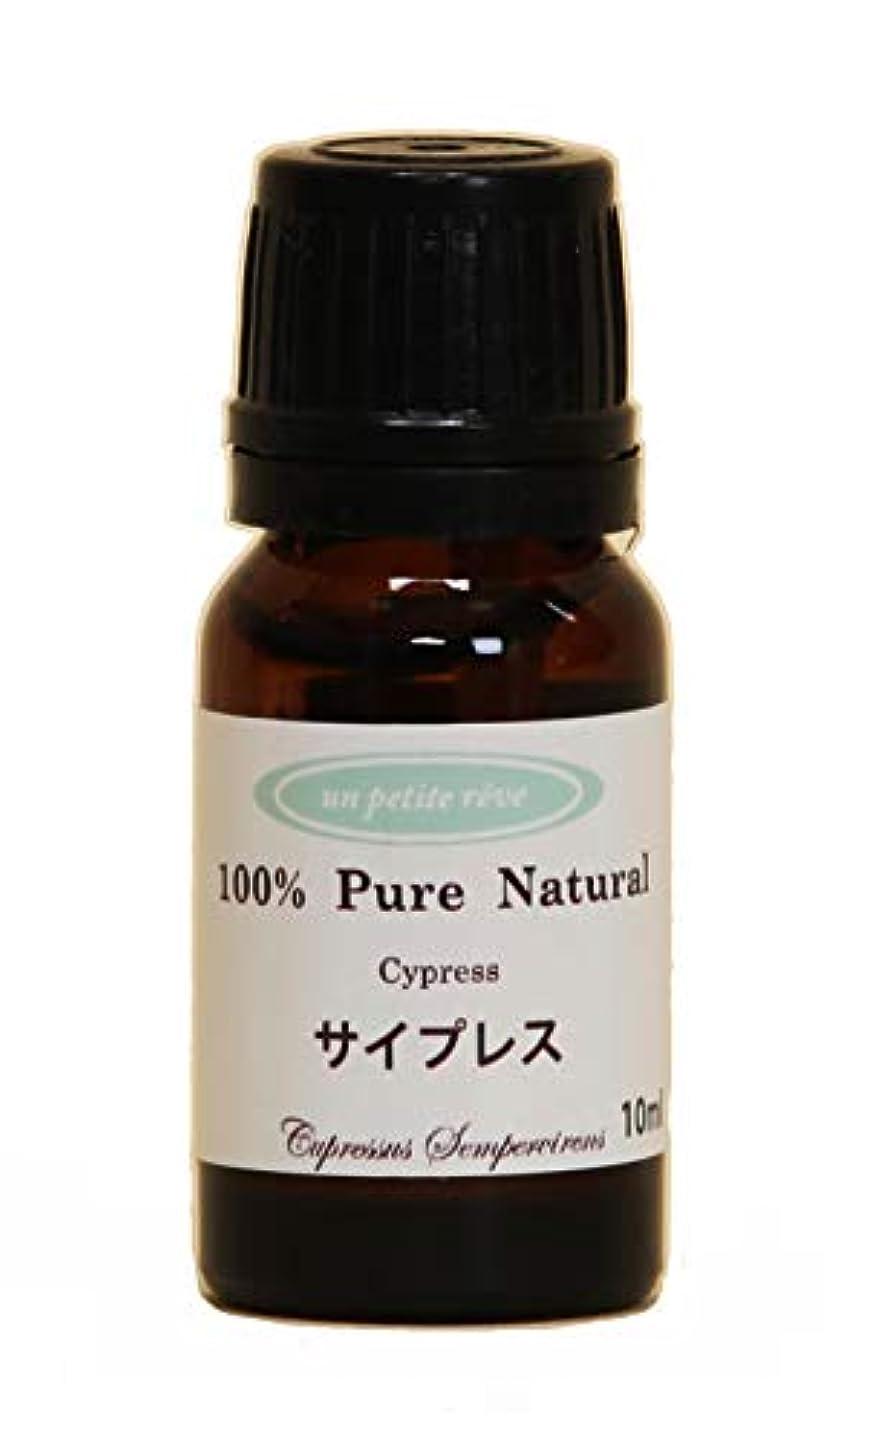 超えるケニア元気サイプレス 10ml 100%天然アロマエッセンシャルオイル(精油)